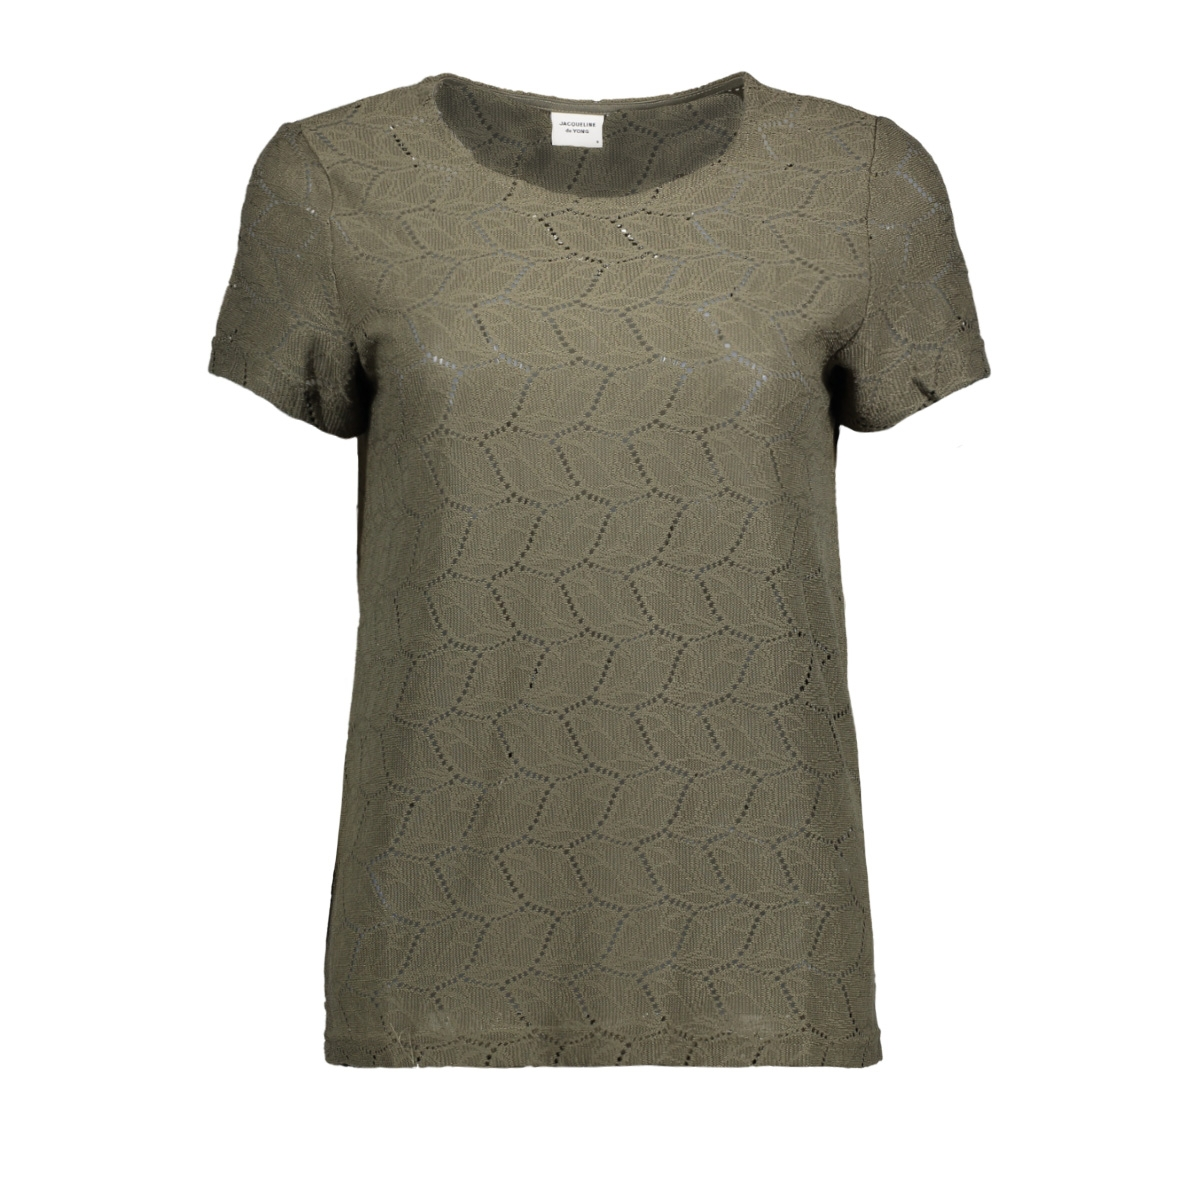 jdytag s/s lace top jrs rpt2 noos 15152331 jacqueline de yong t-shirt kalamata